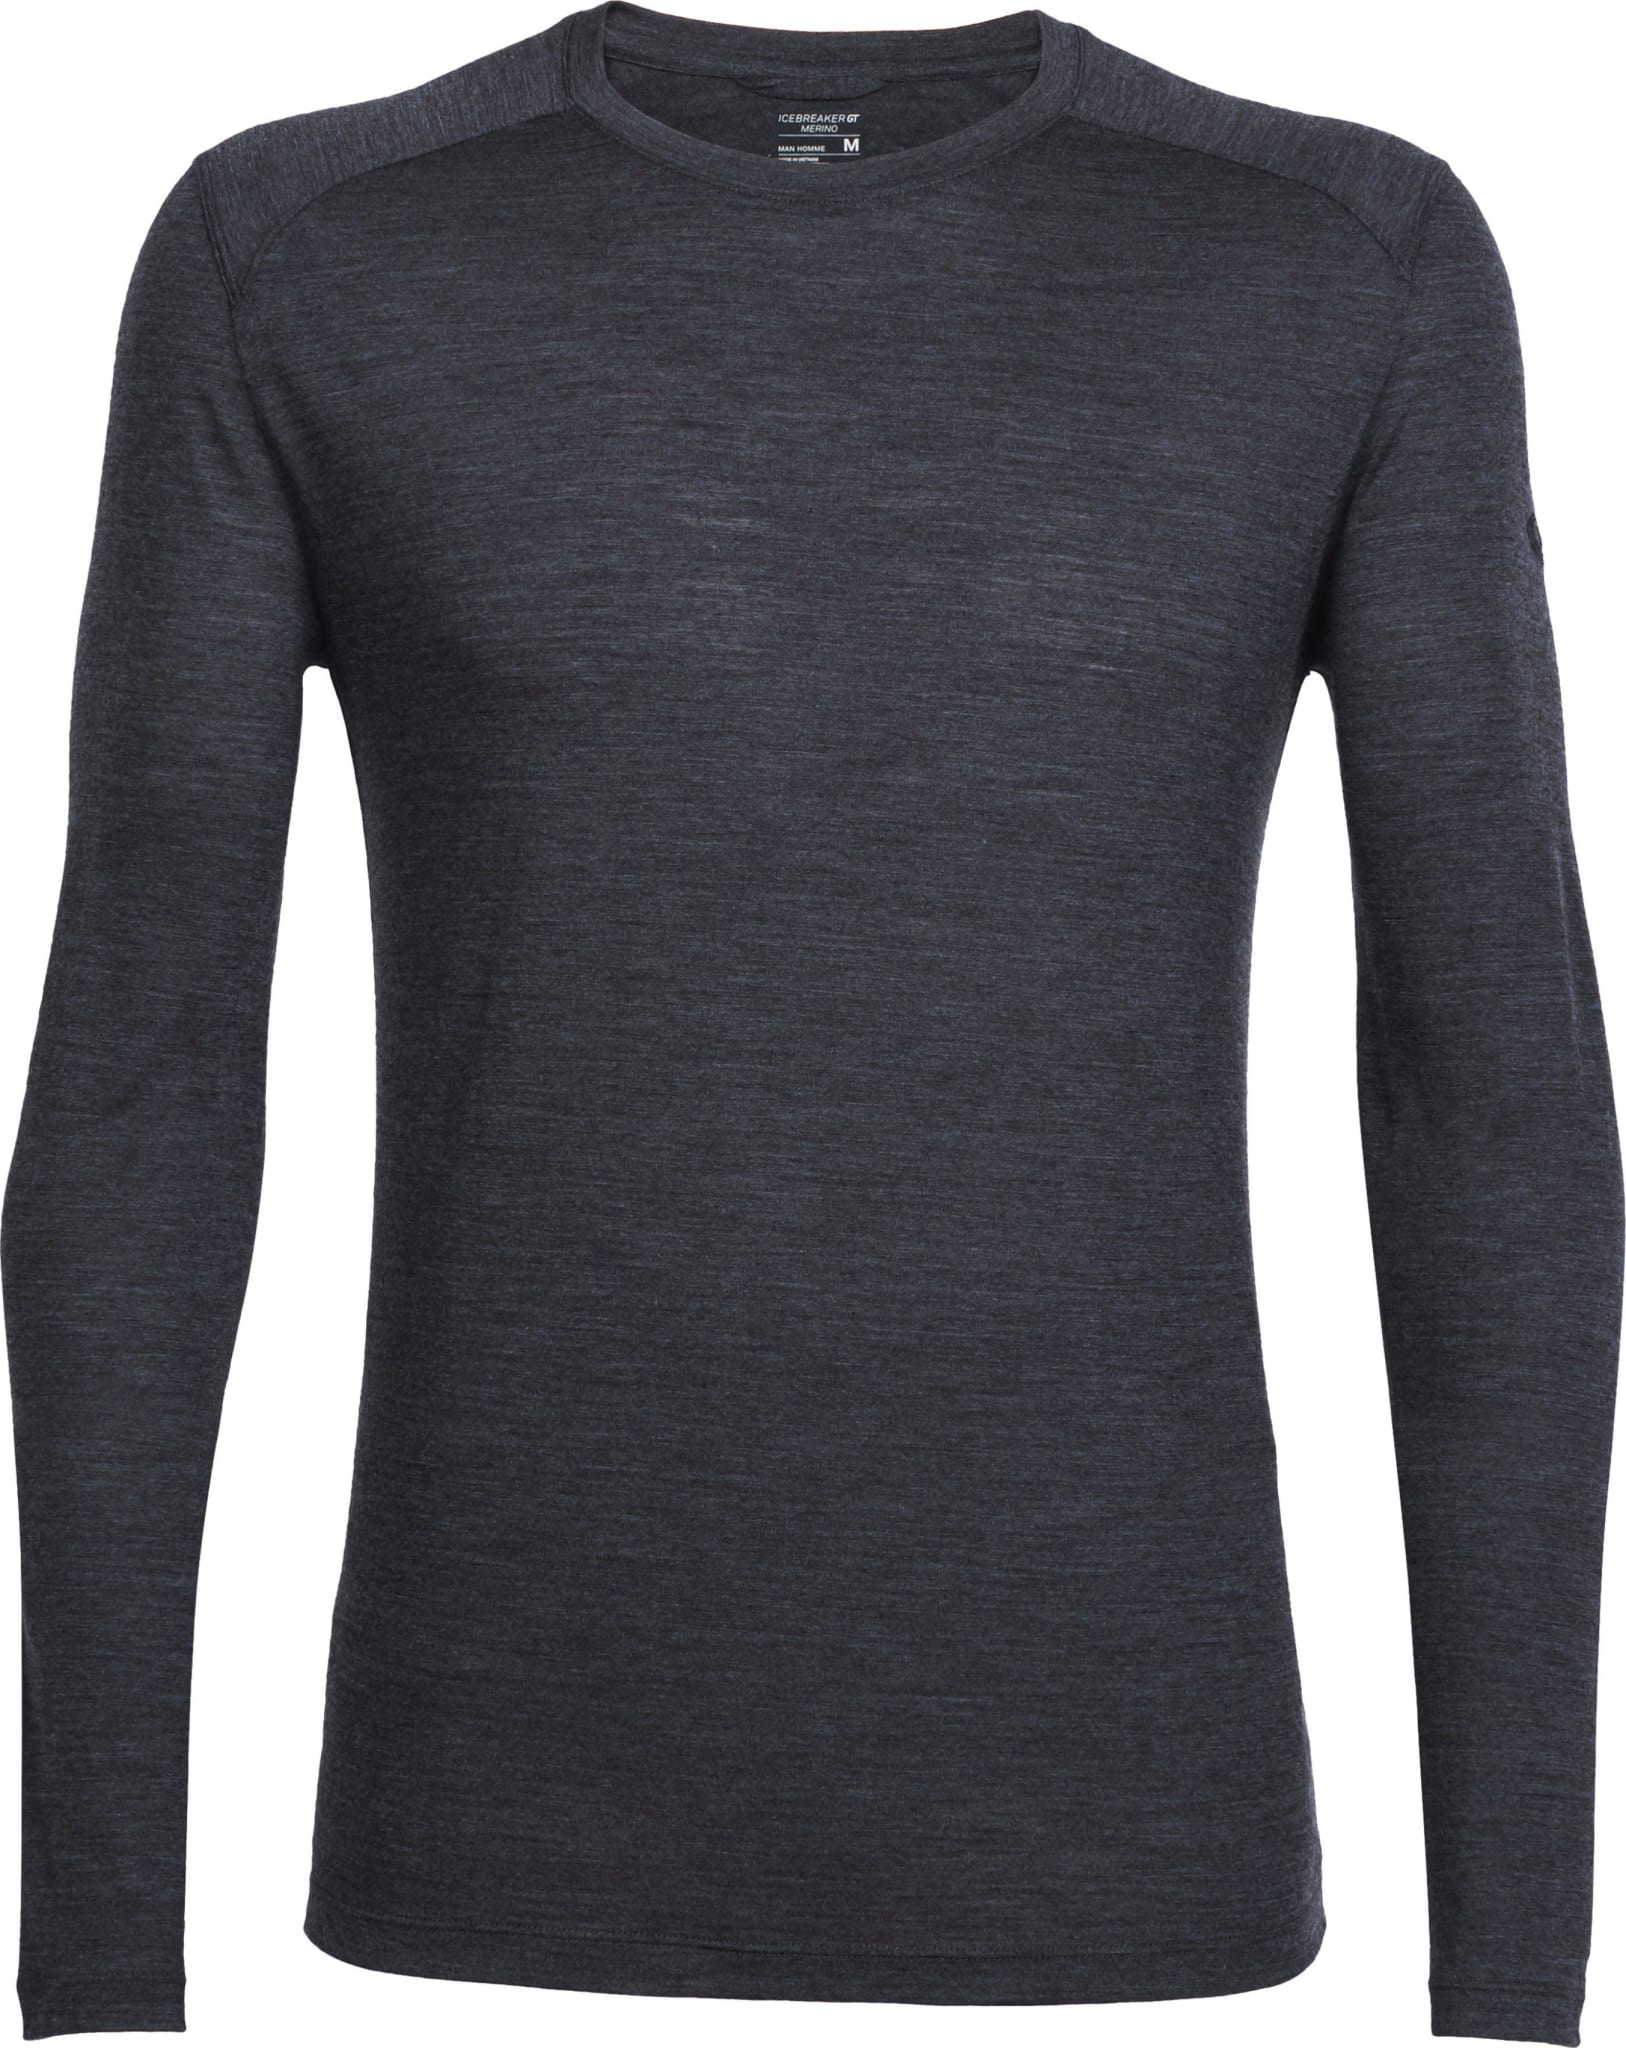 Langerma skjorte i tynn merinoull perfekt til trening og reise